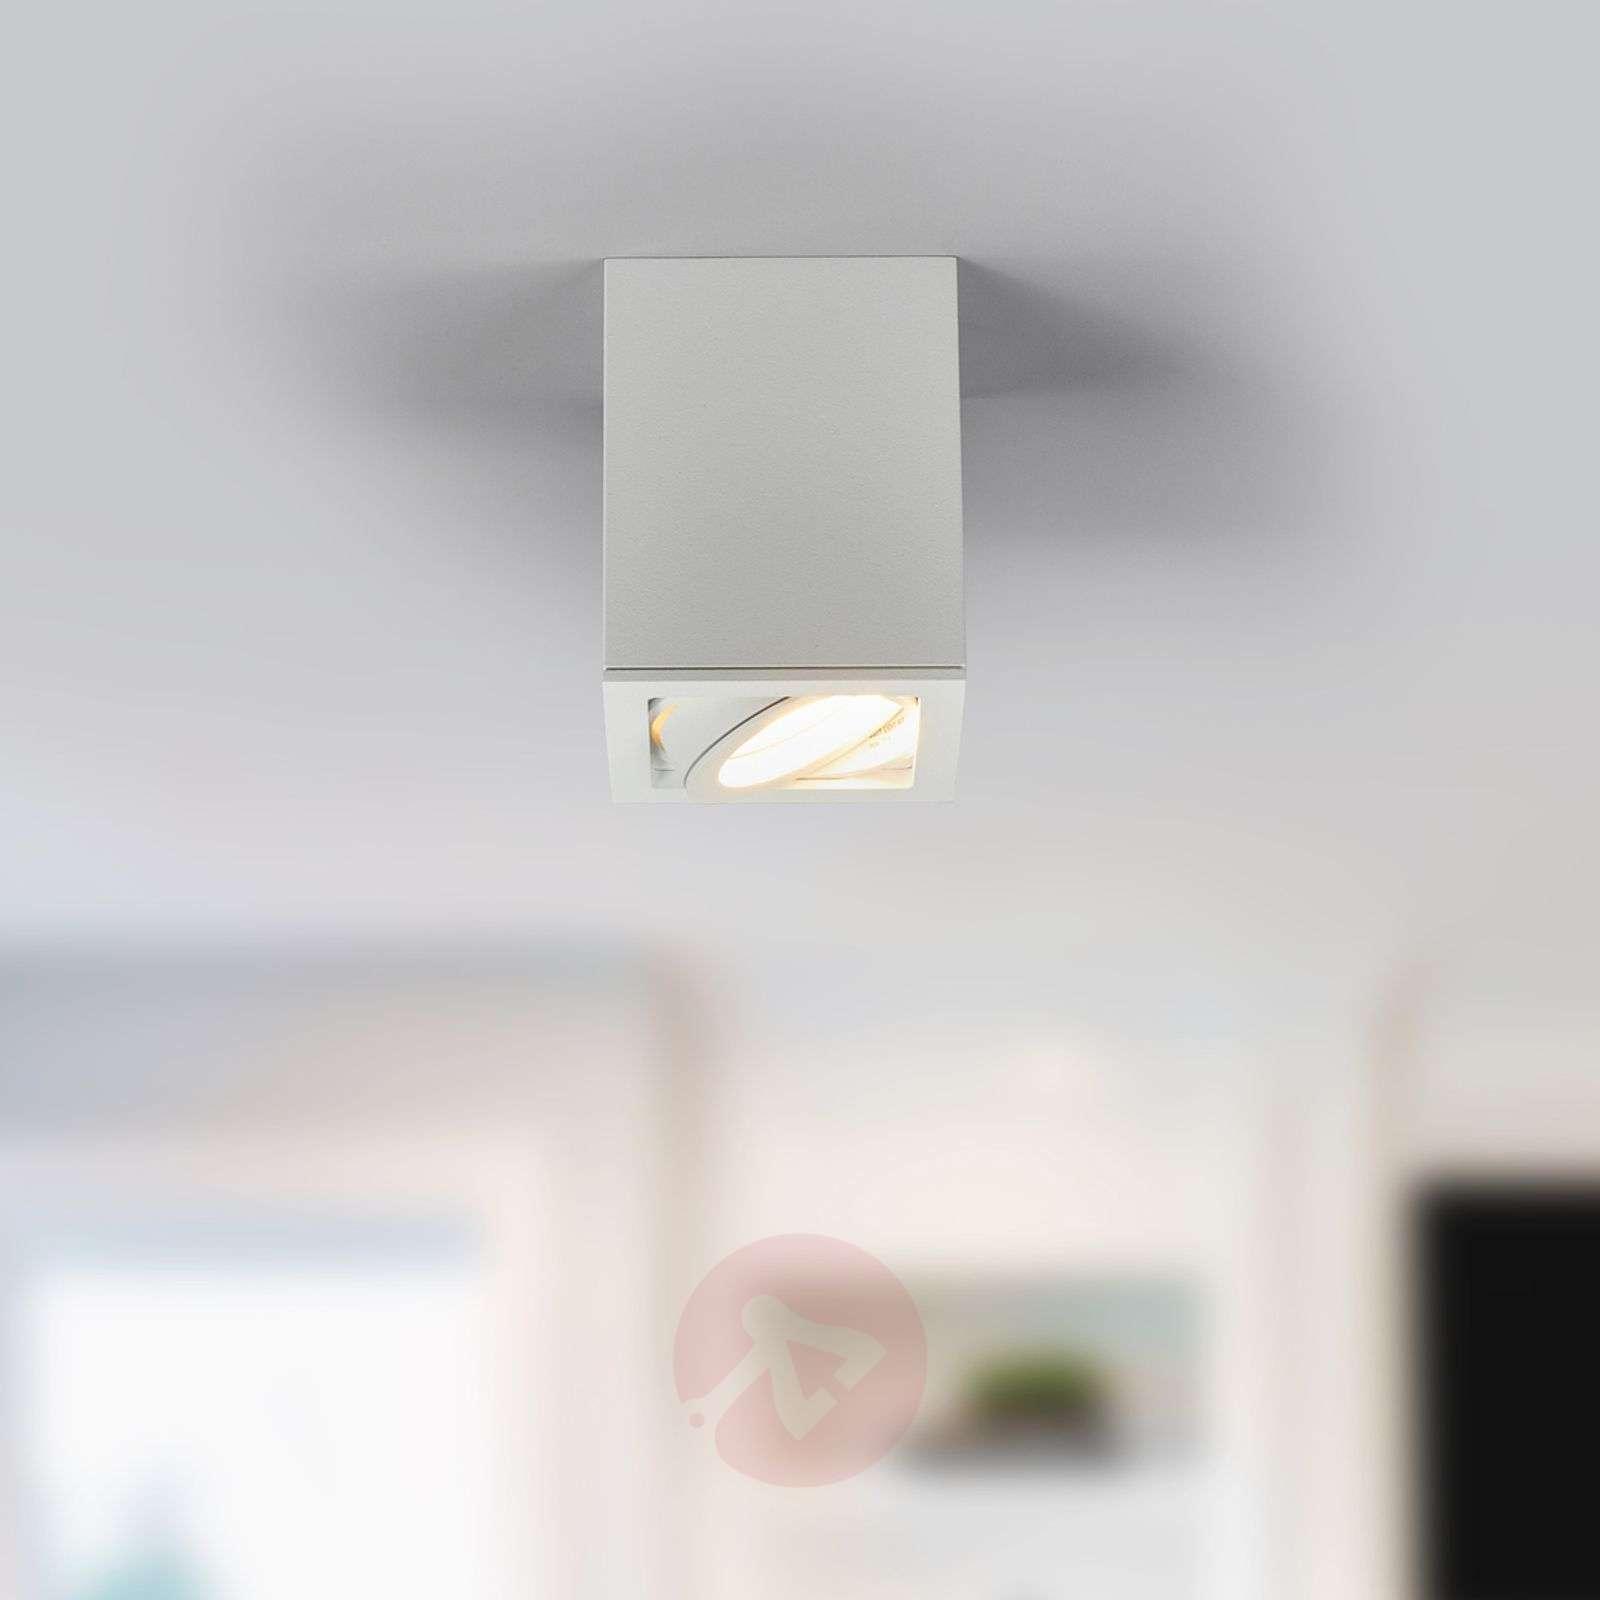 Alumiininen LIGHT BOX 1-kattospotti-3023036X-01